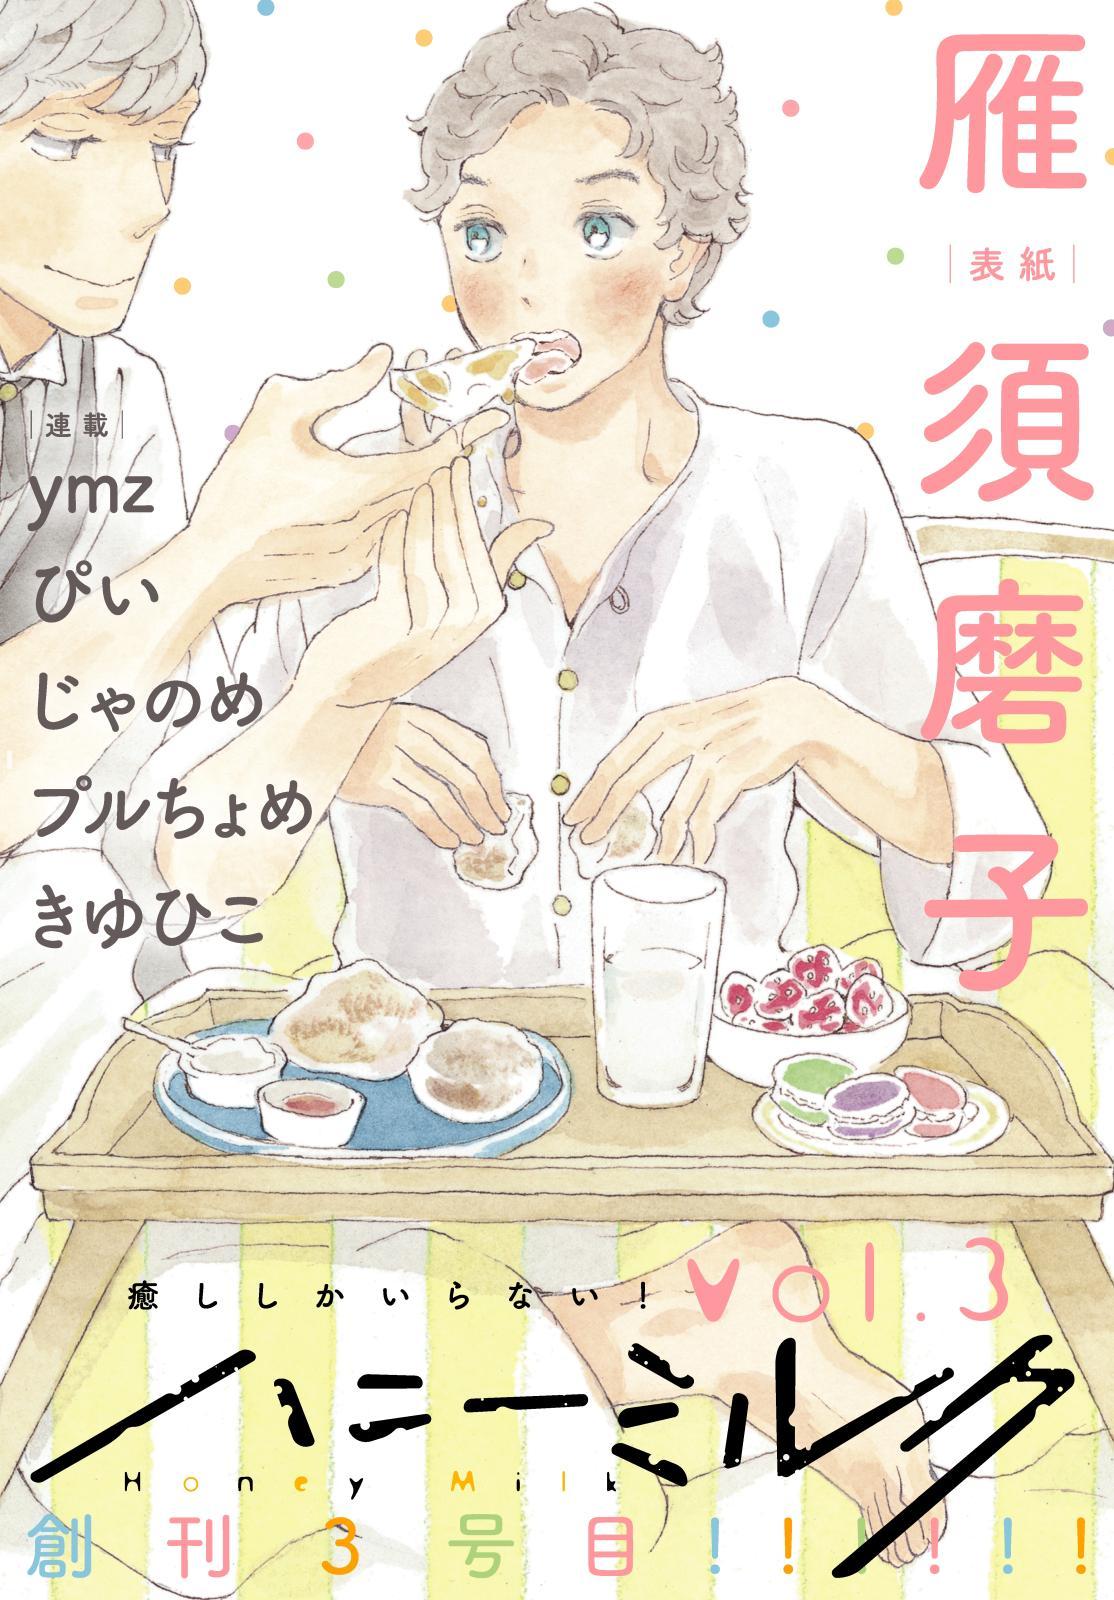 ハニーミルク vol.3